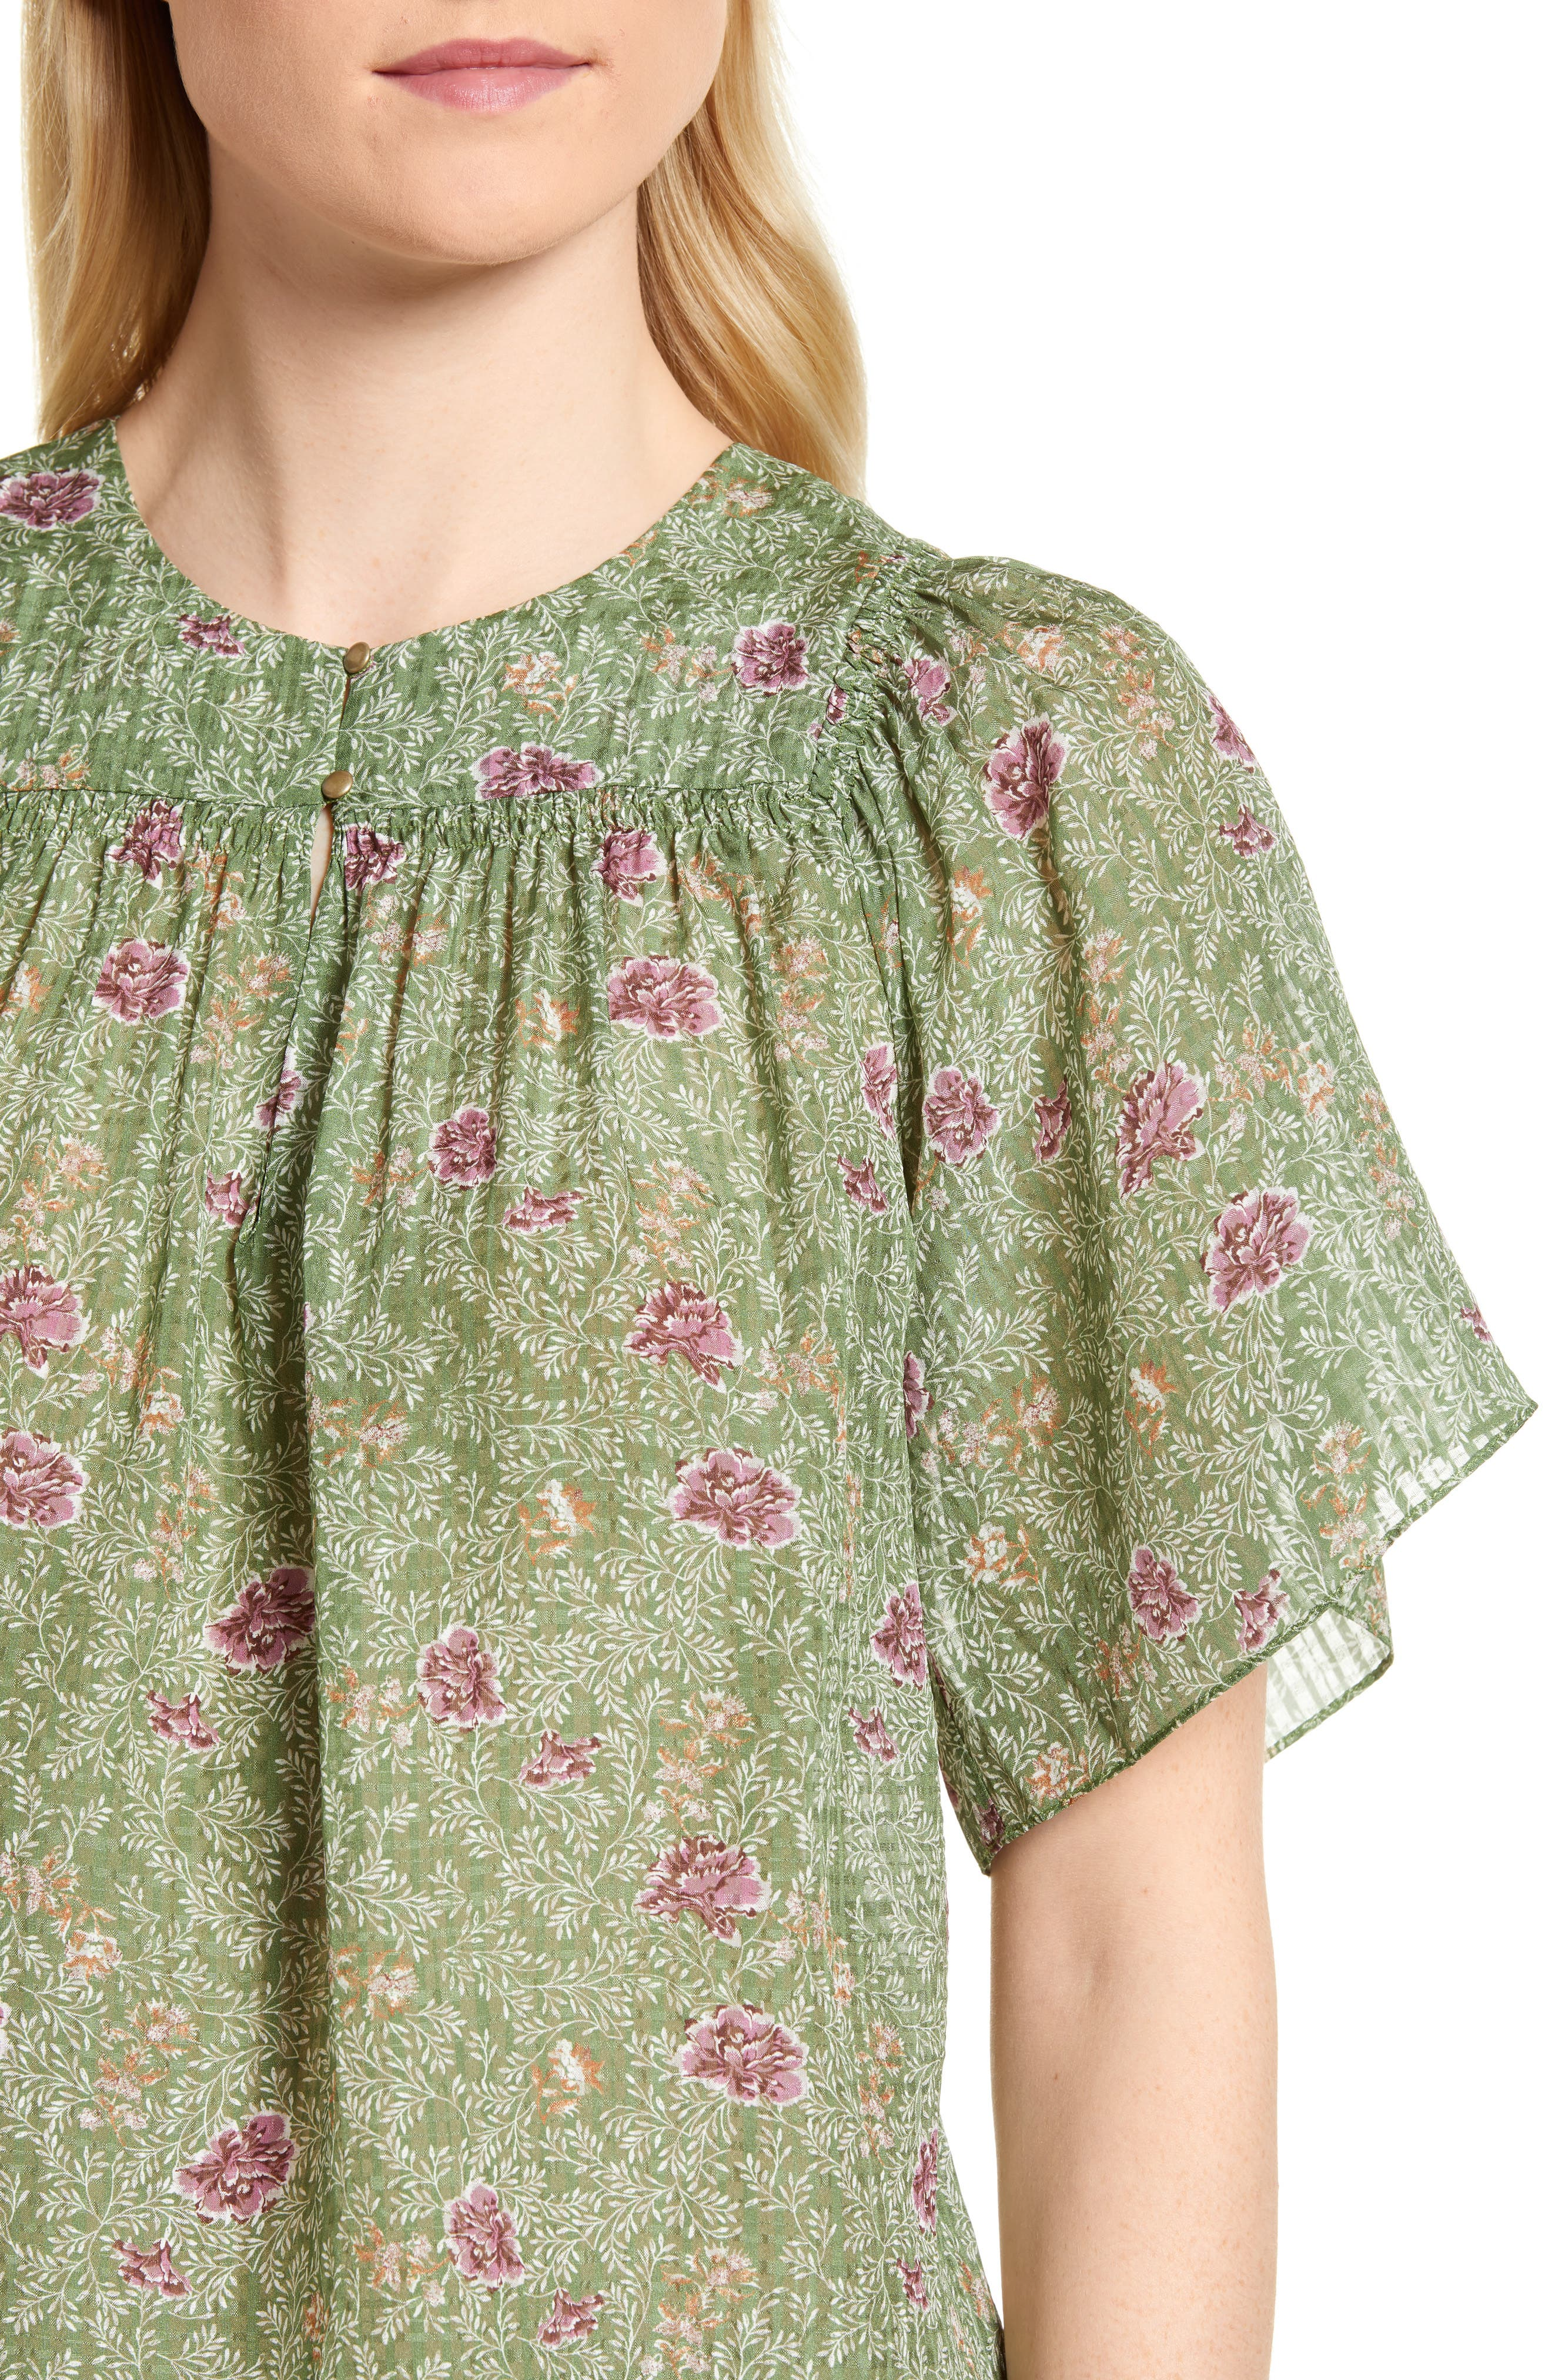 Floral Flutter Sleeve Silk Top,                             Alternate thumbnail 4, color,                             Green Vineyard Jakarta Floral